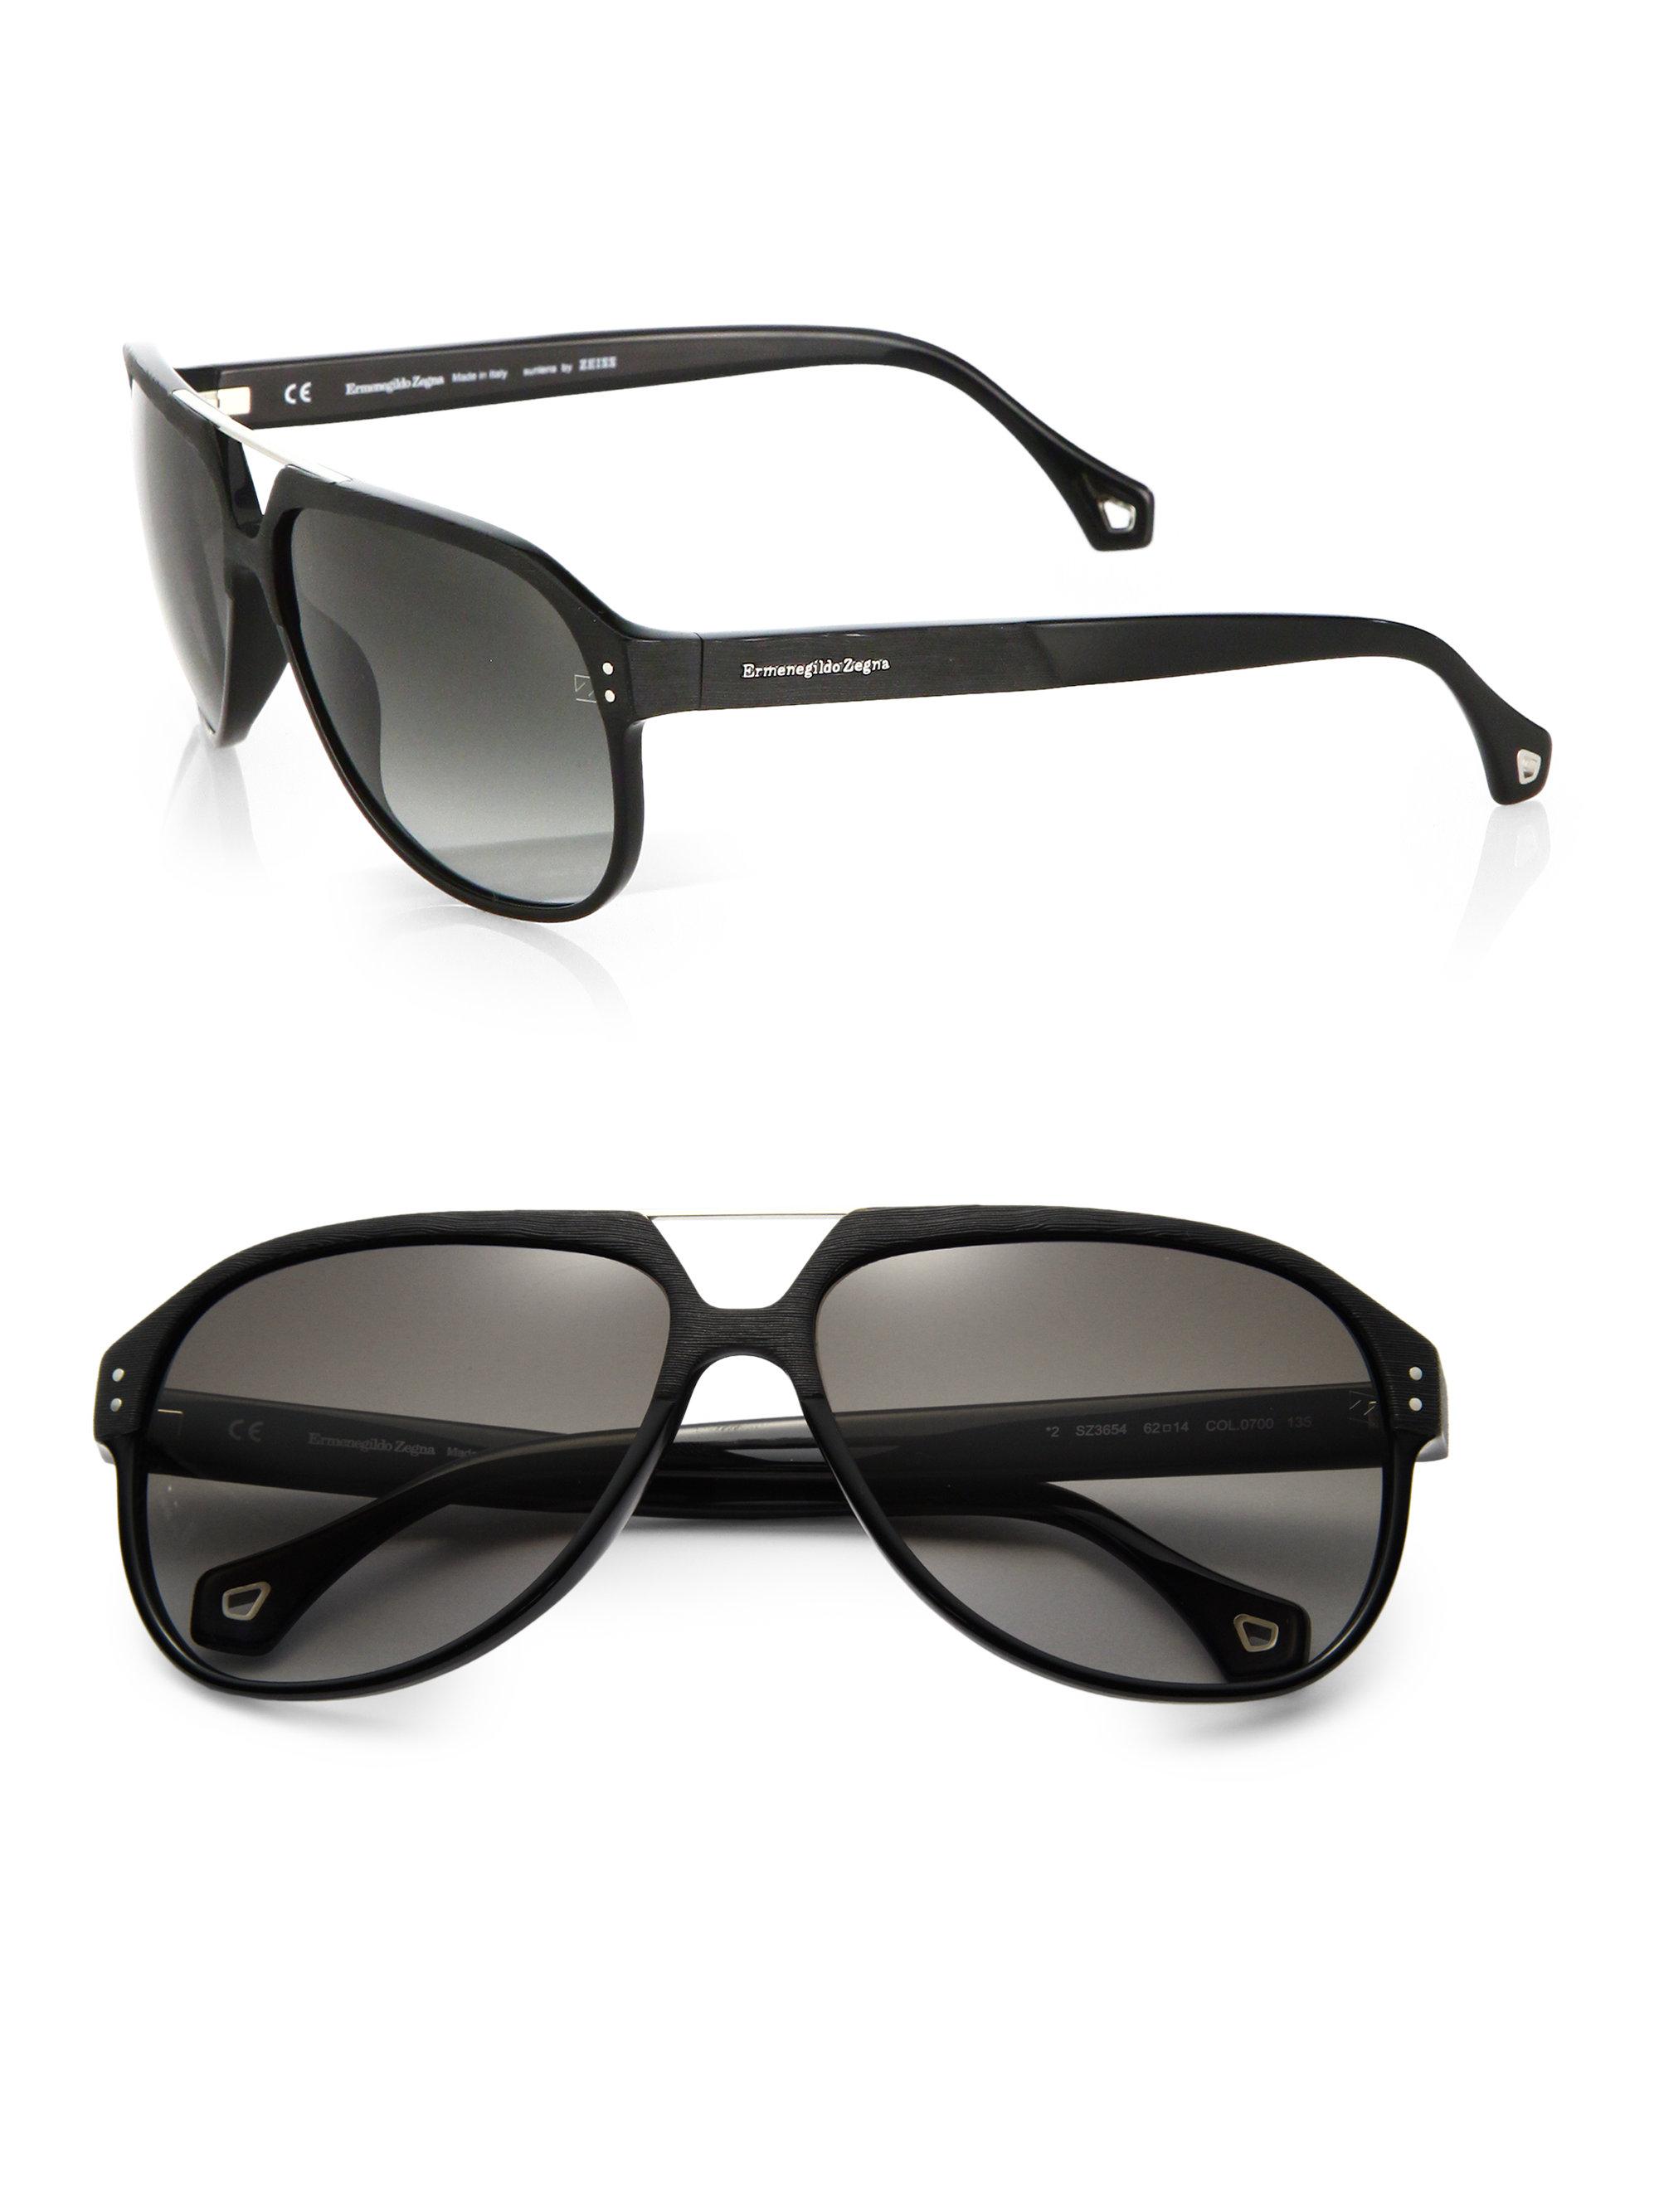 4b77ecfc Ermenegildo Zegna Black Resin Aviator Sunglasses for men